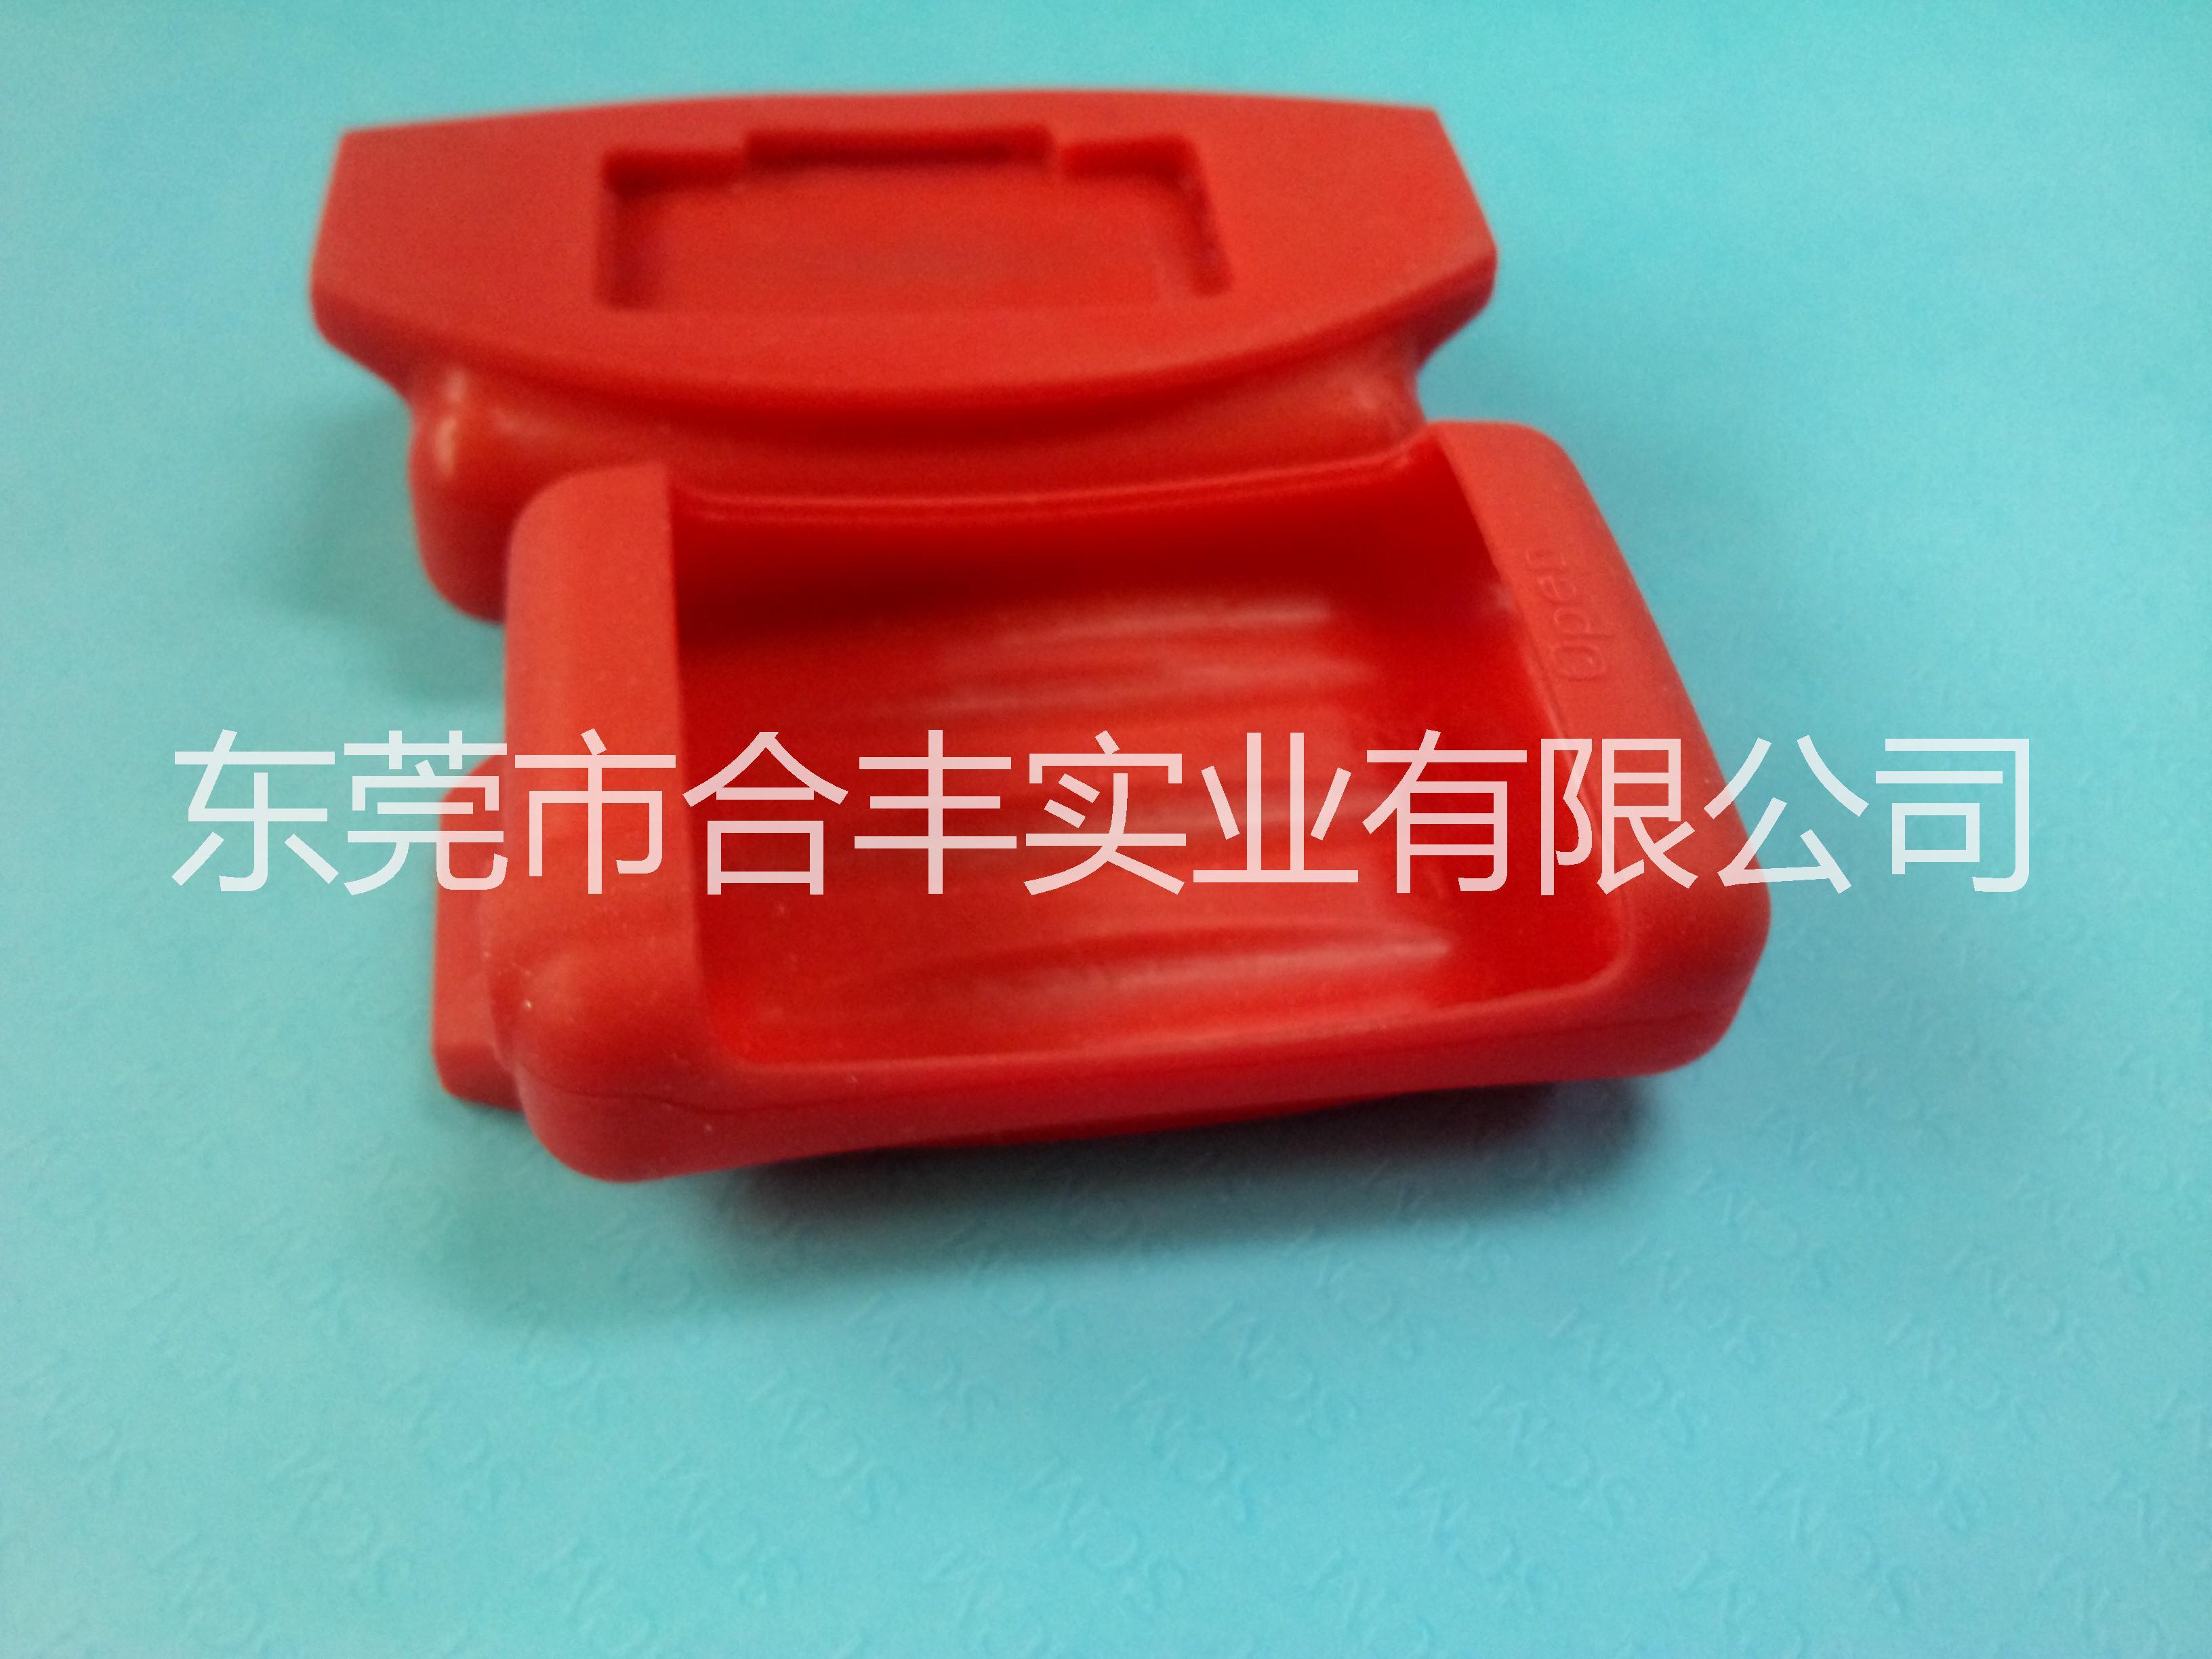 高品质硅胶电池盒